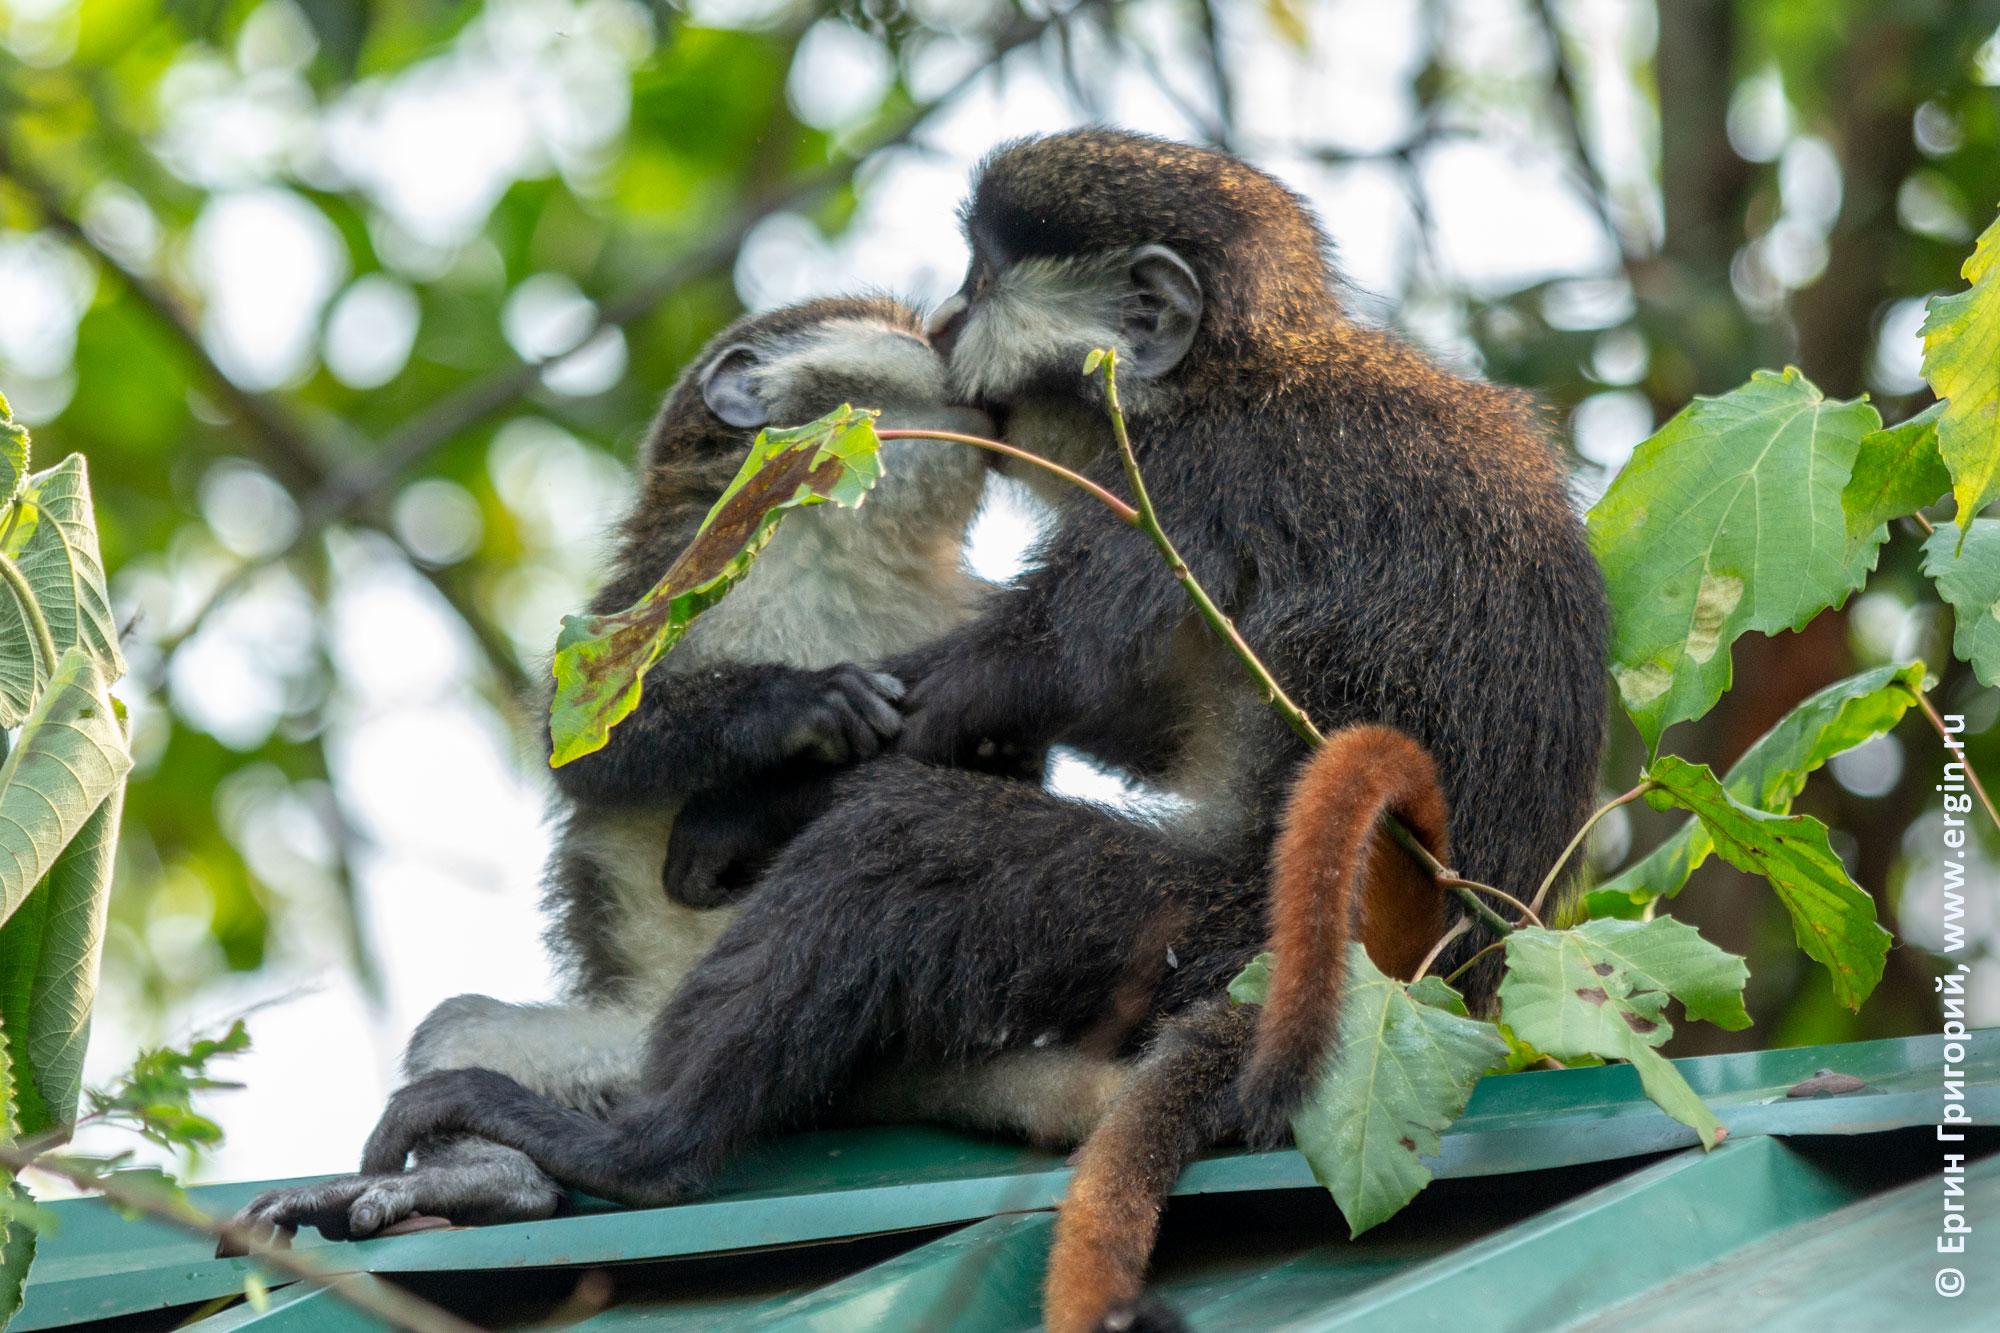 Краснохвостые обезьяны мартышки Шмидта целуются